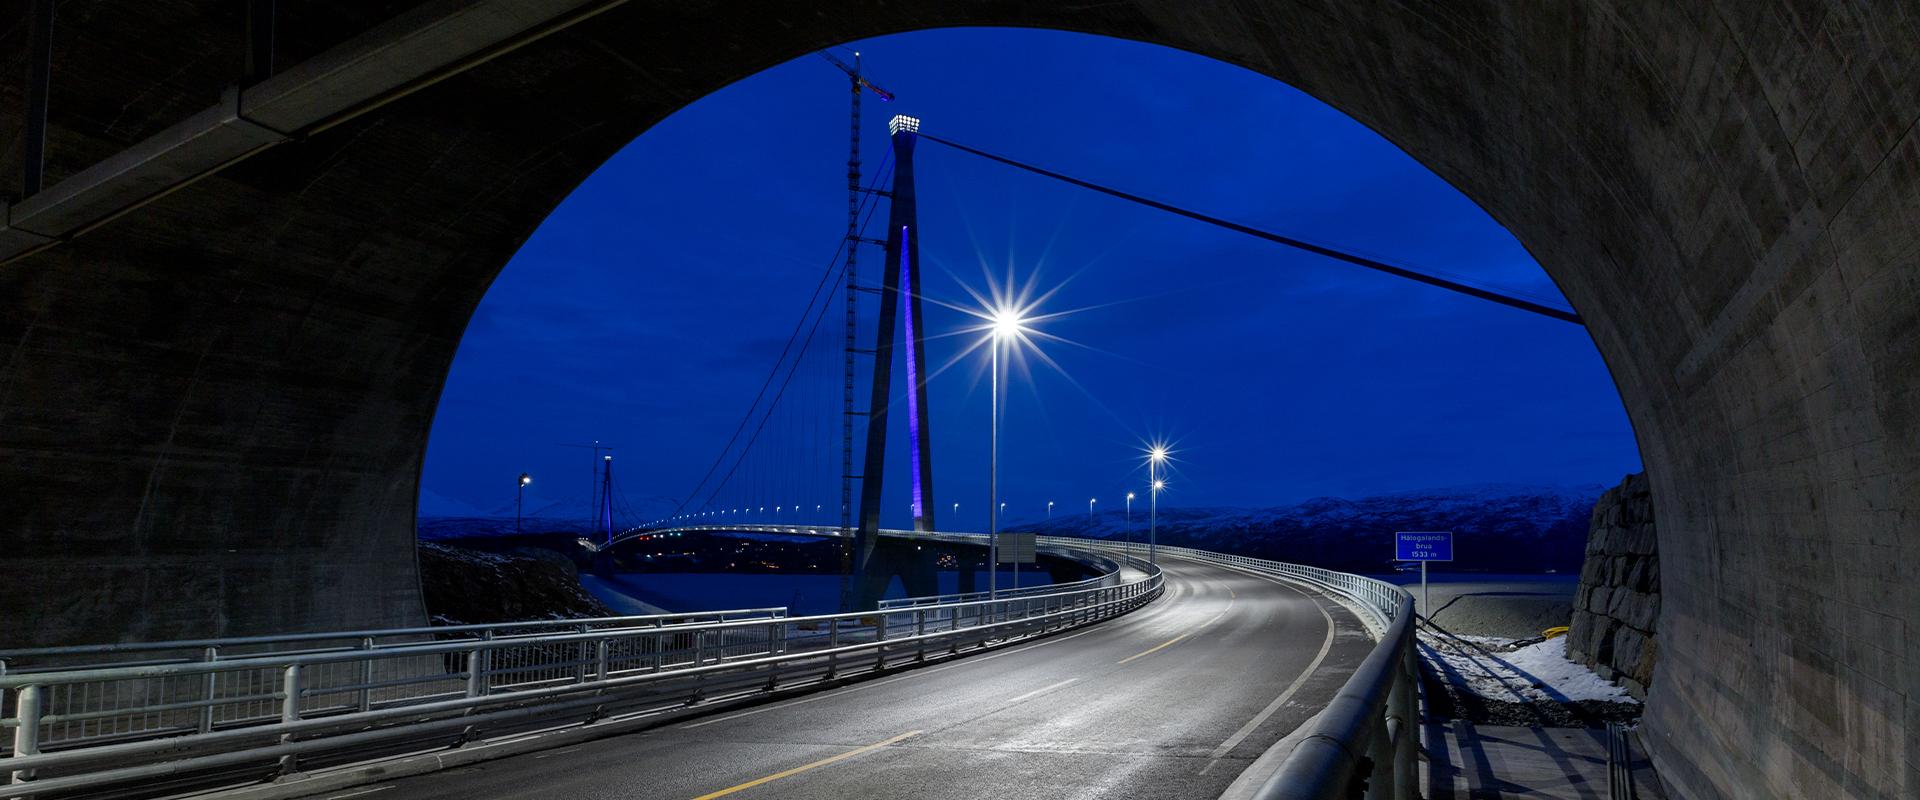 faro LED per illuminazione stradale